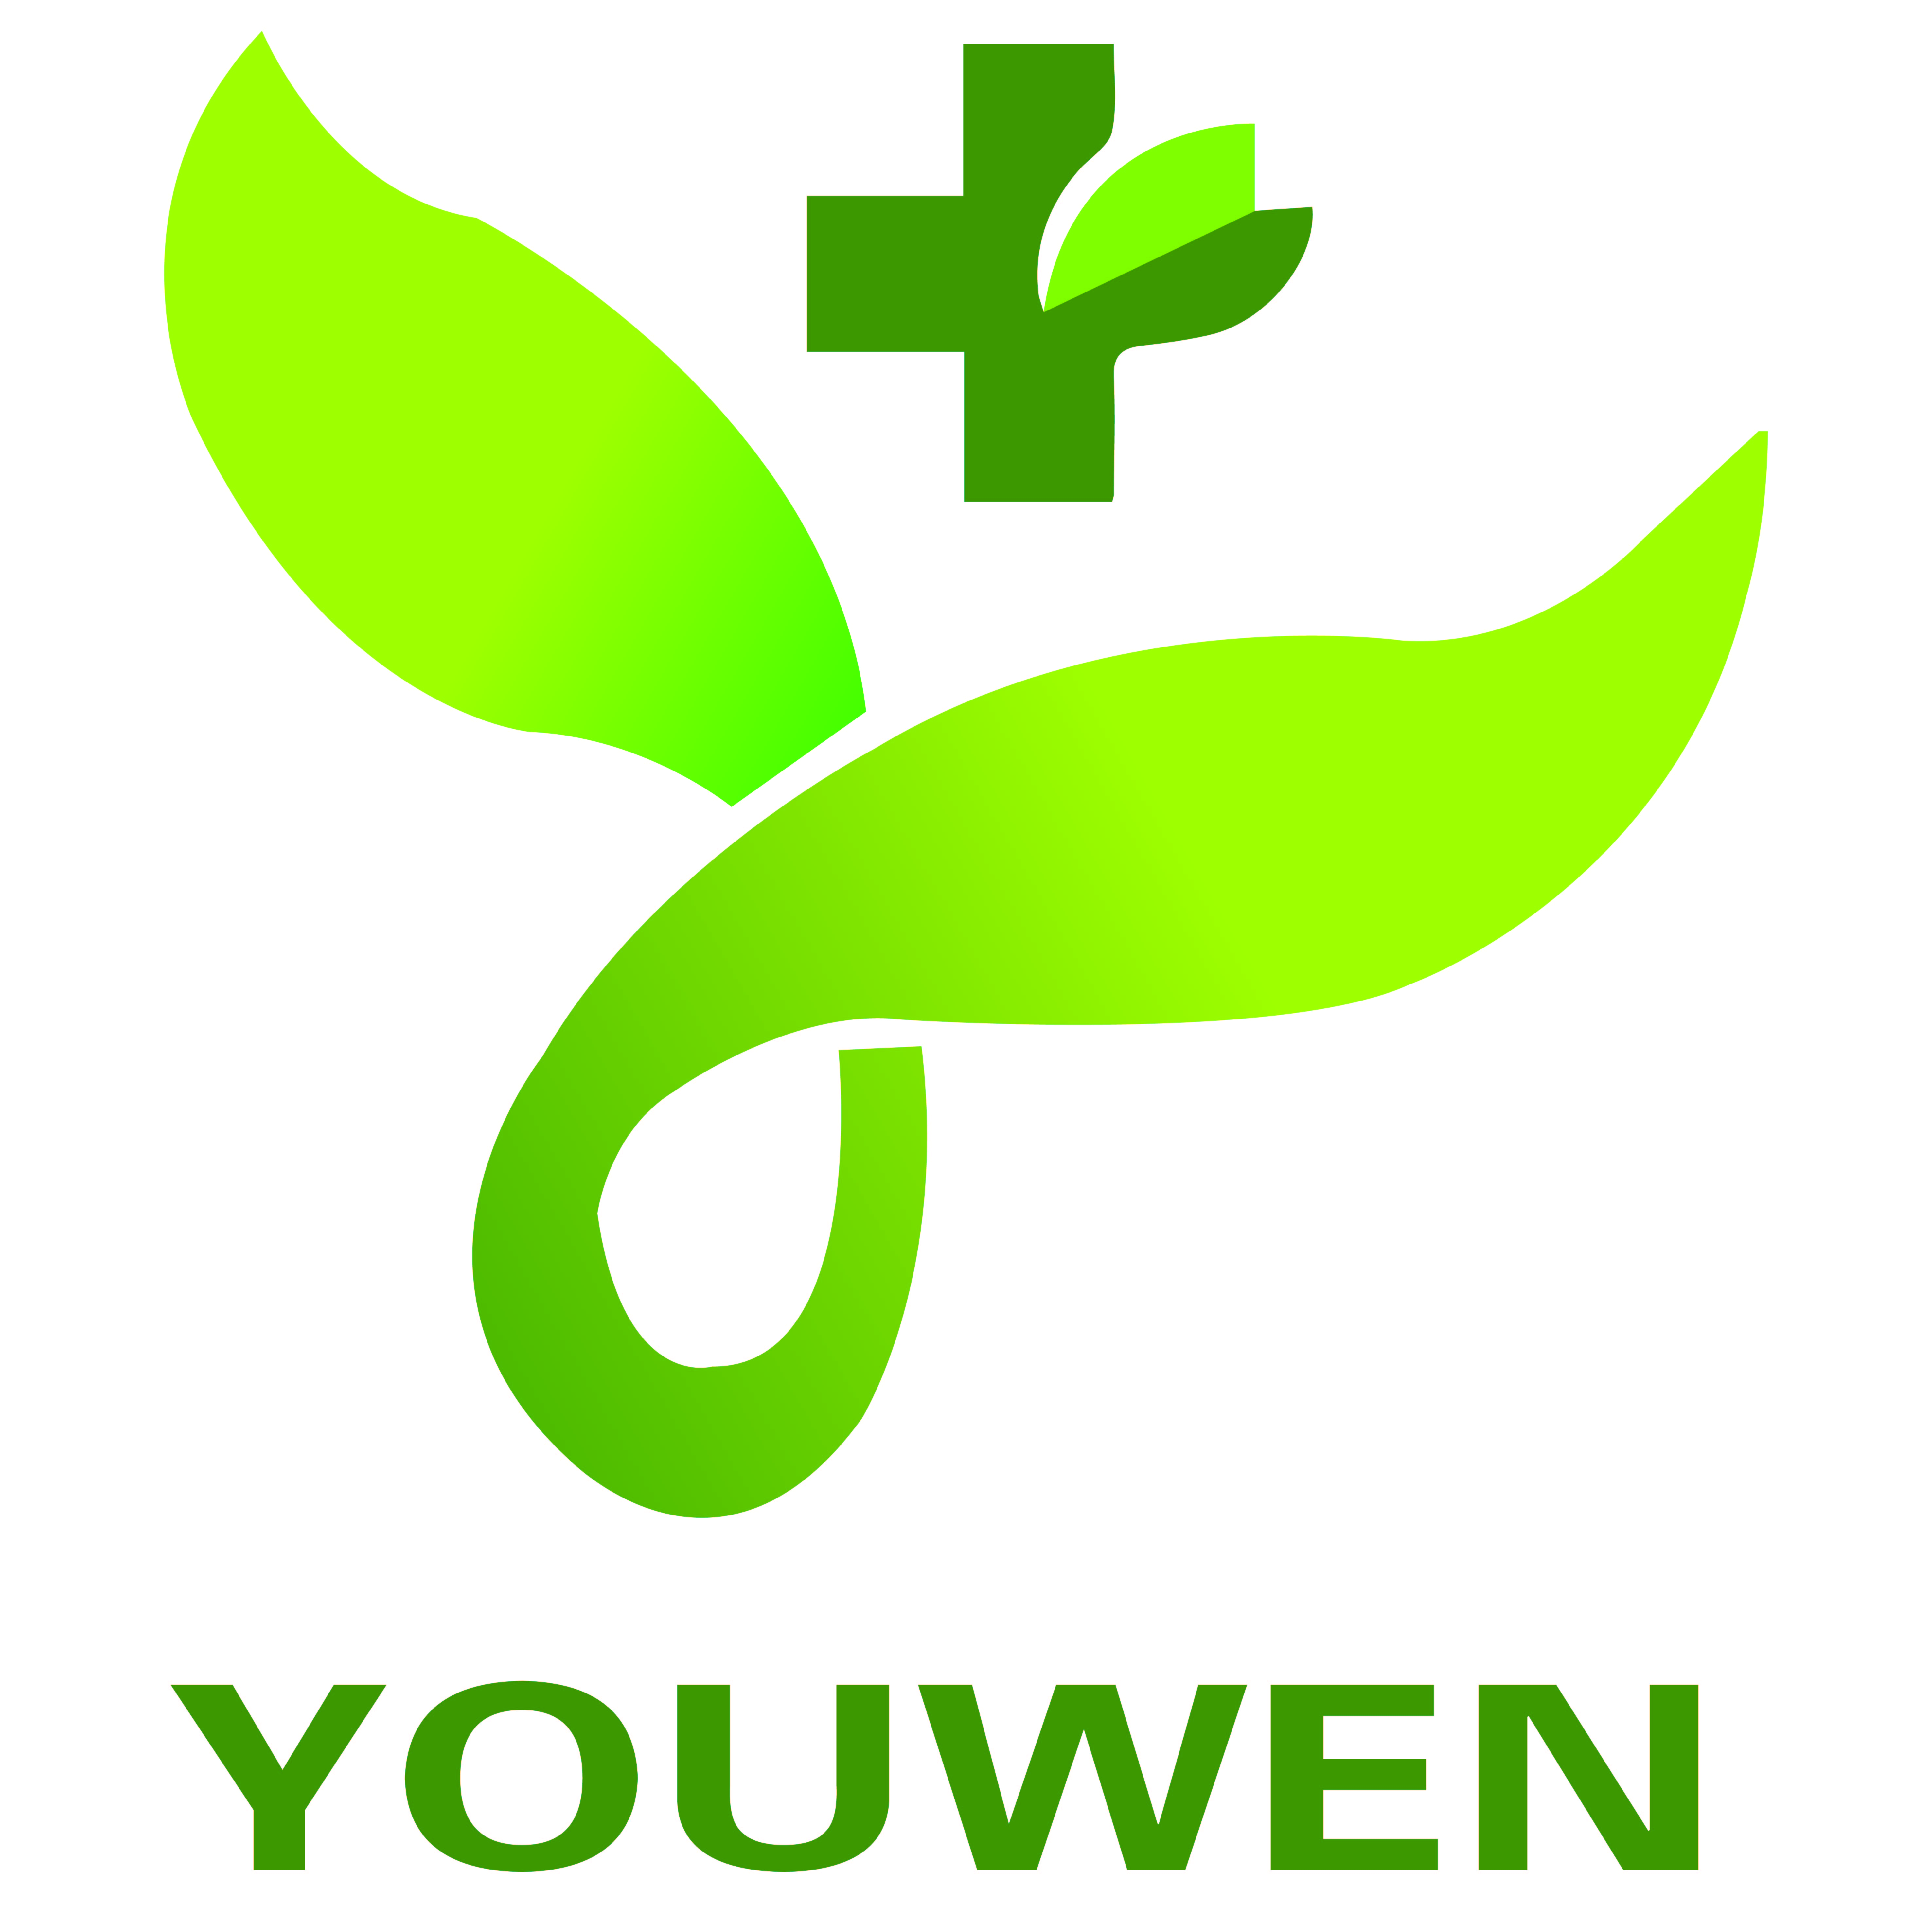 上海友文医疗科技有限公司日语外贸业务员日企招聘信息